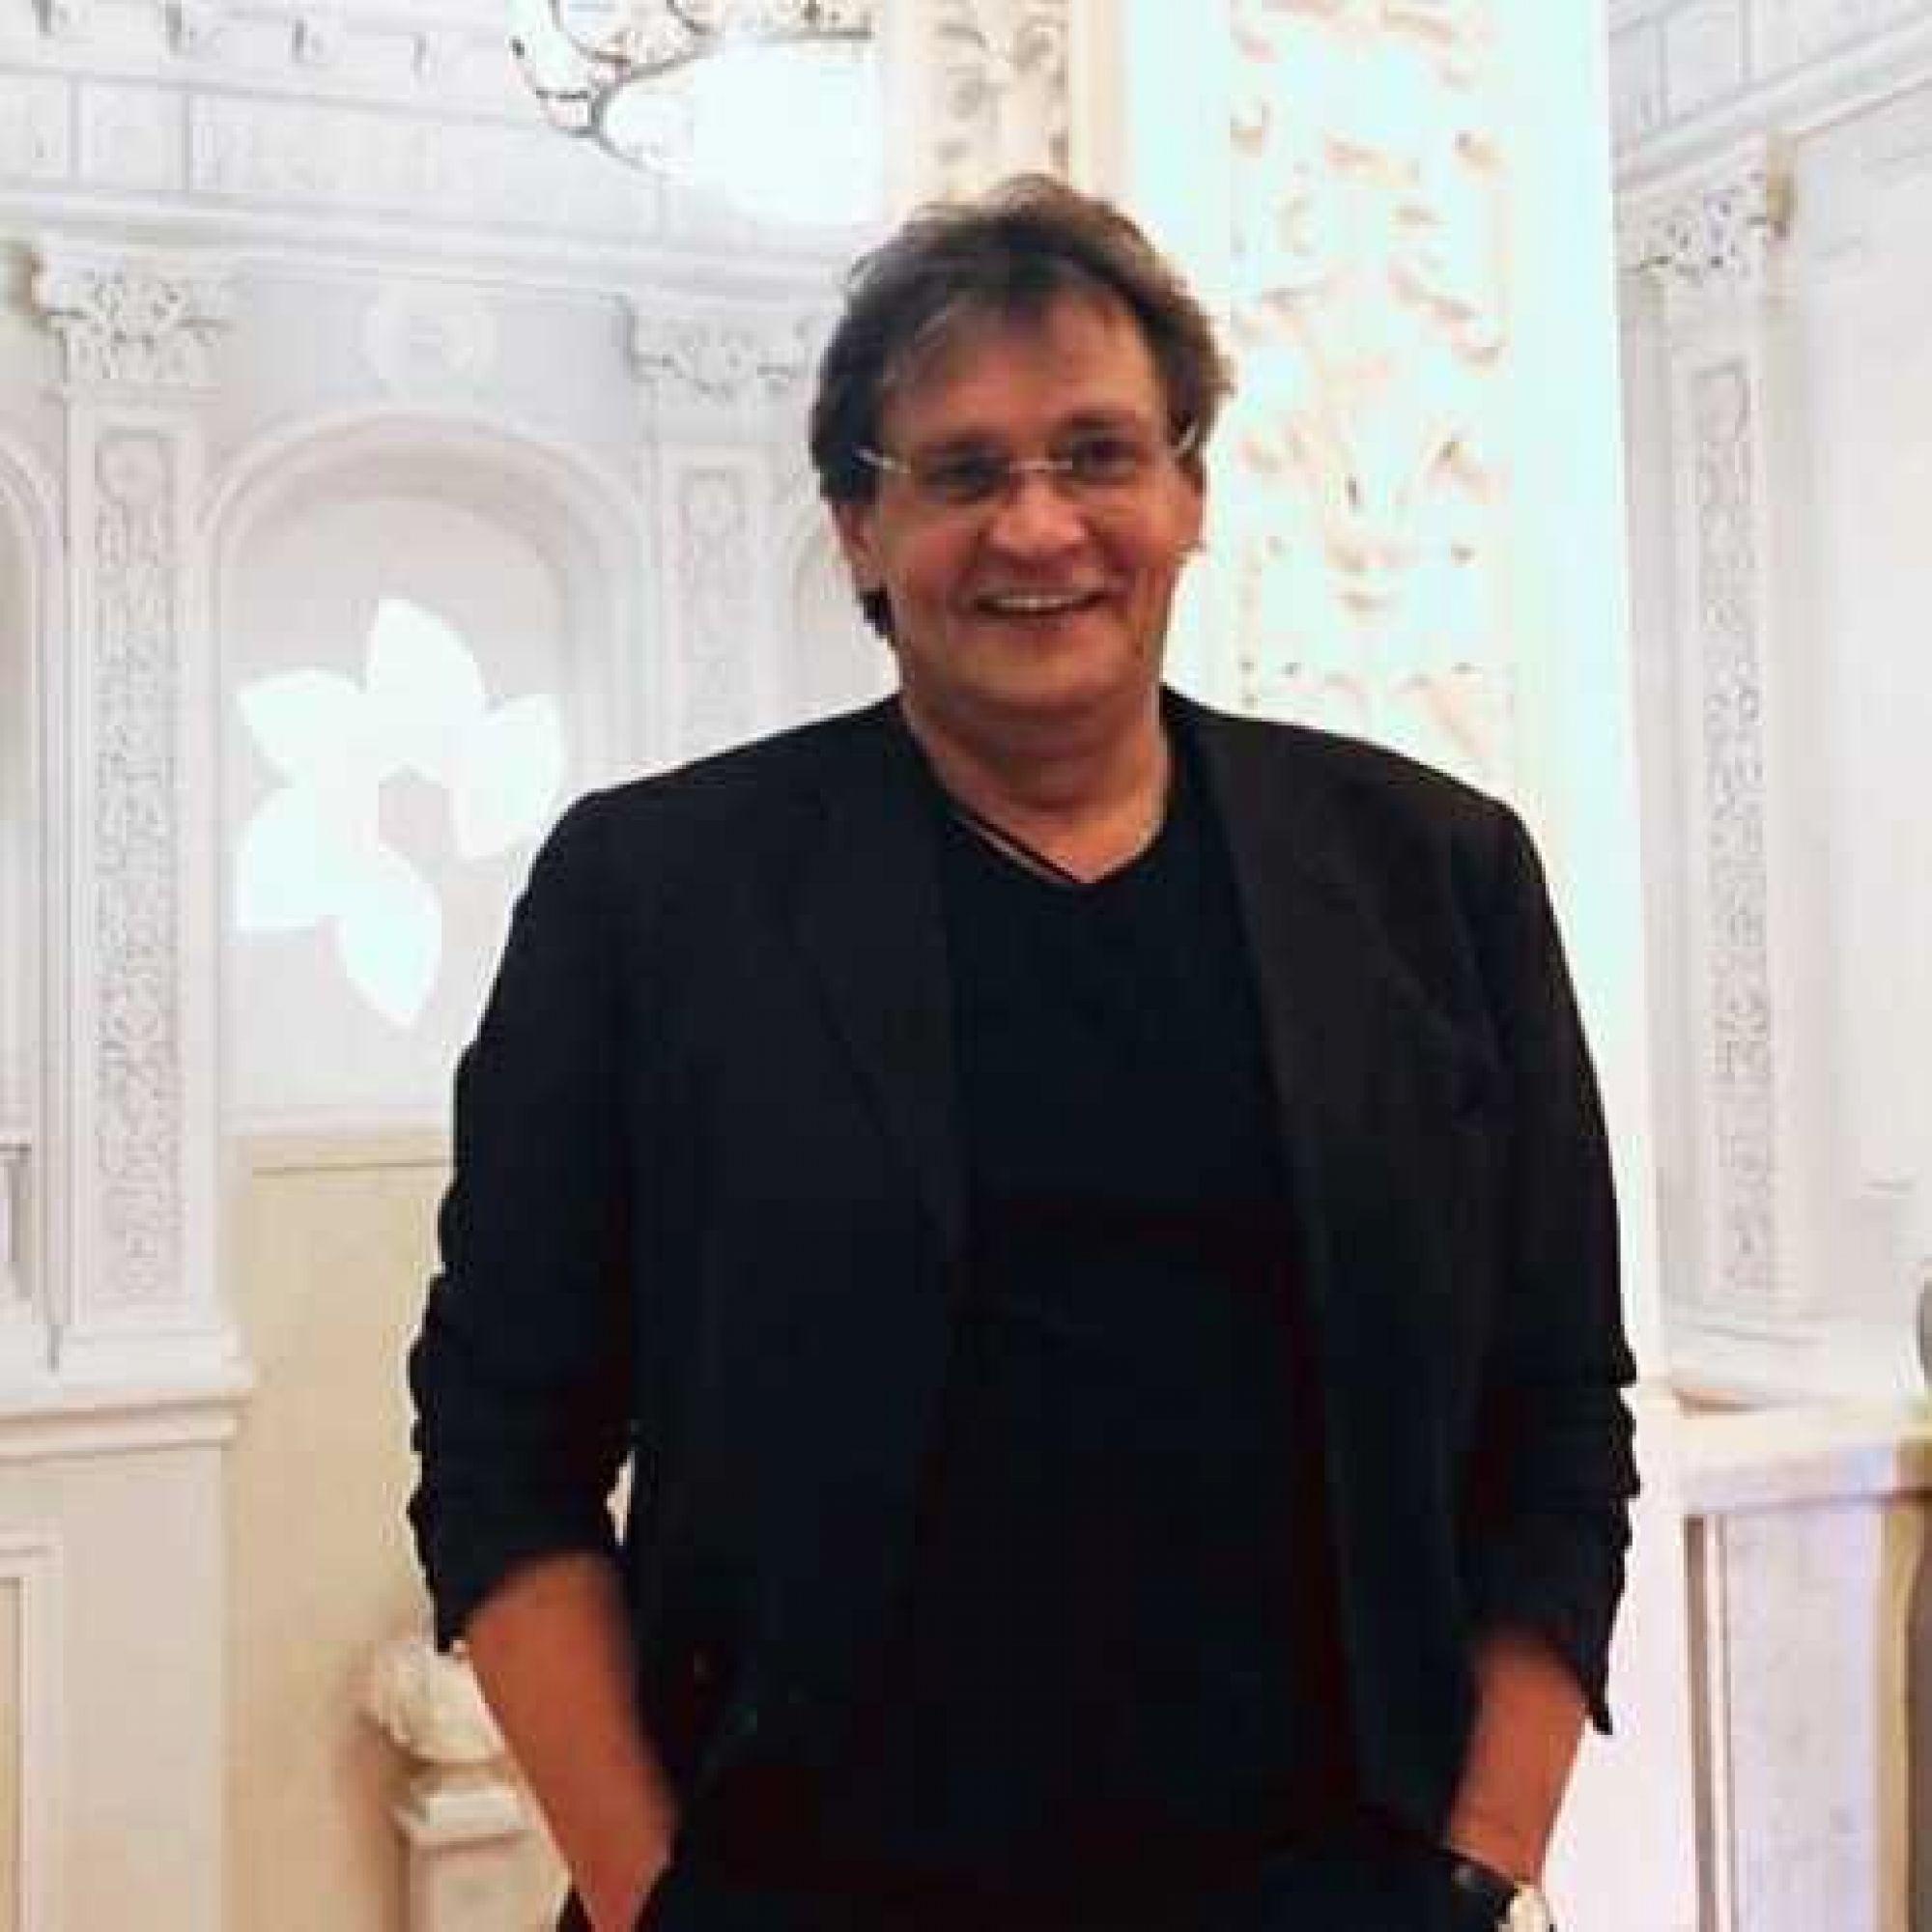 Александр Домогаров отказался выходить на сцену из-за критики Михаила Ефремова